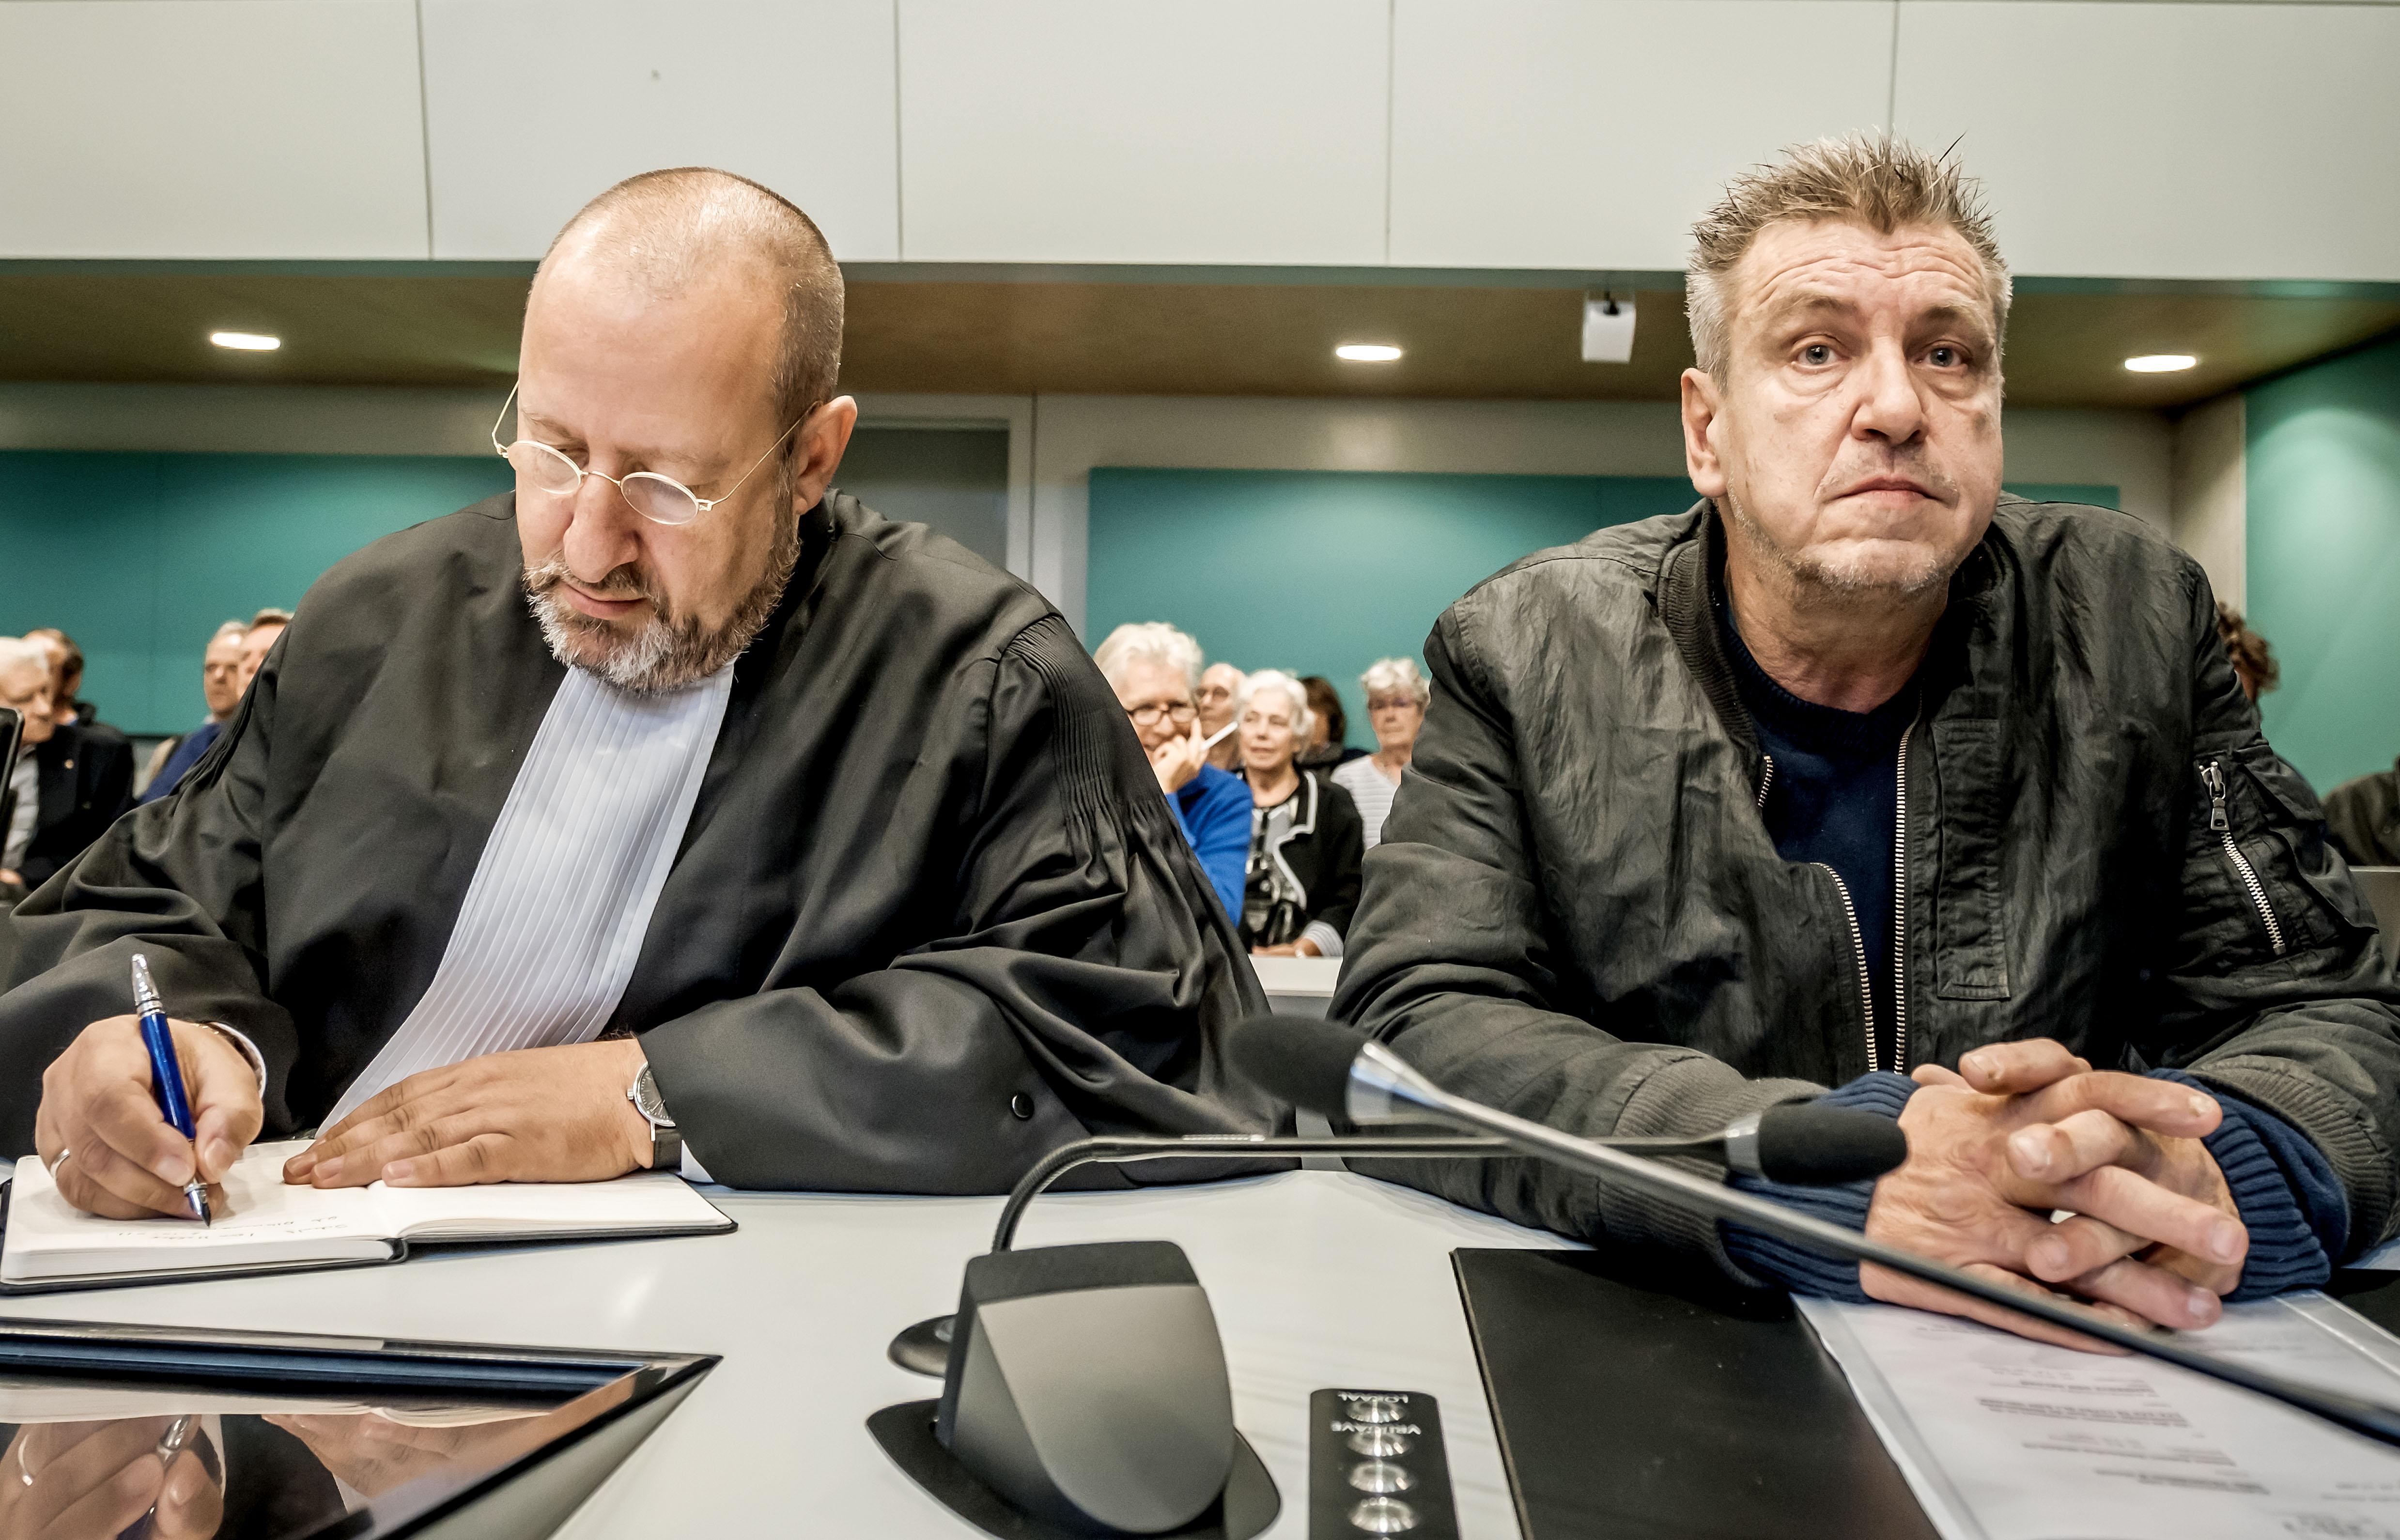 Het grootste deel van de Helderse gemeenteraad vindt dat de kunstcollectie van Rob Scholte geveild moet worden. 'Het stopzetten van de veiling gaat juist meer geld kosten'